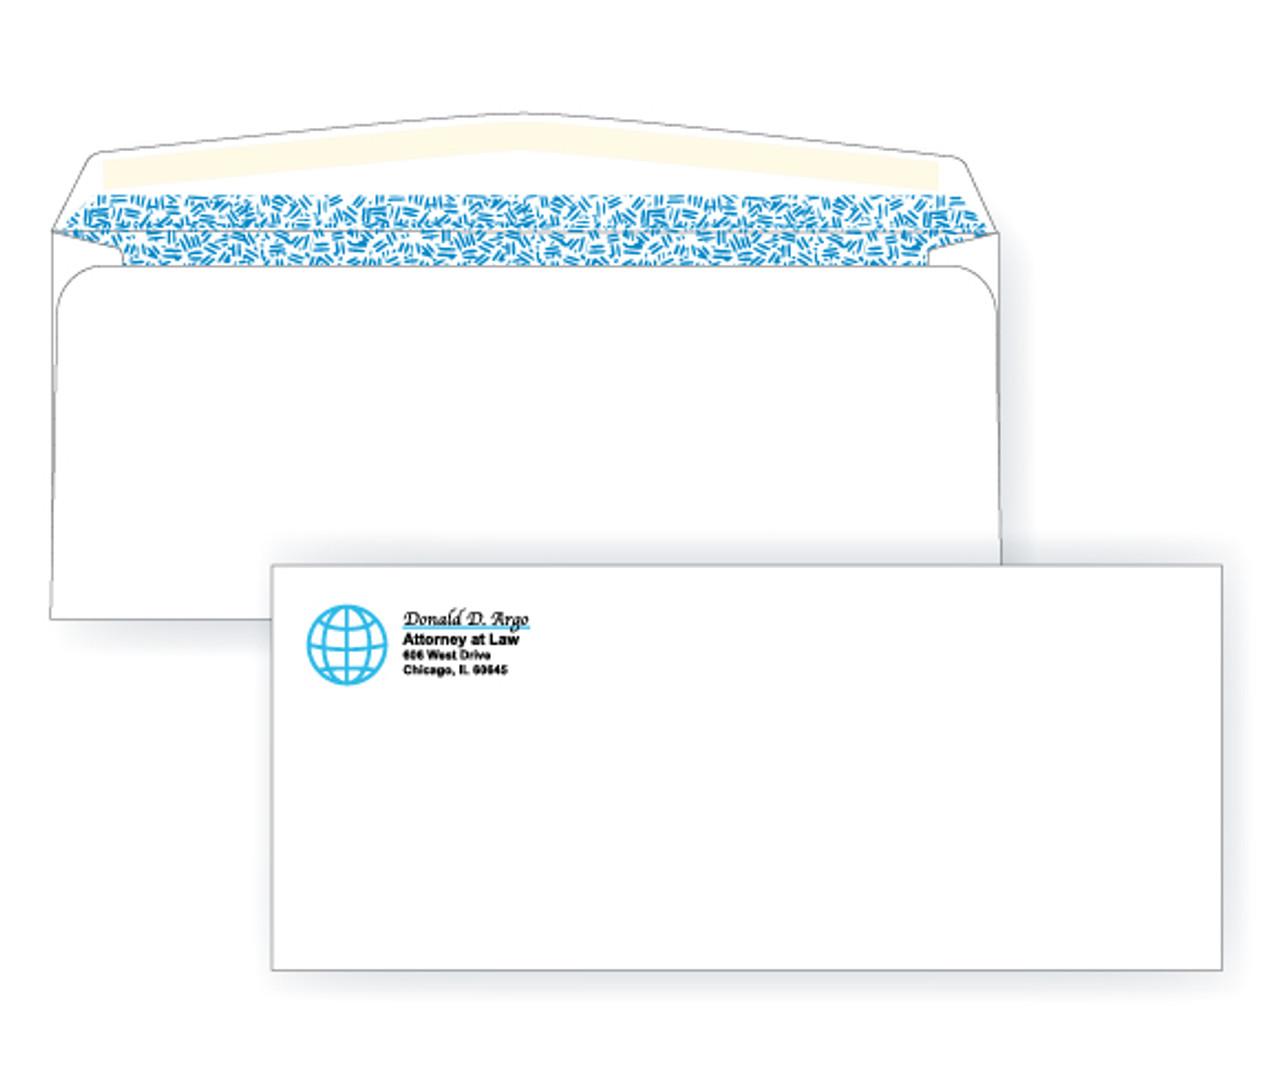 PRINTED - Custom #10 Security Side Seam Envelopes - EN1004